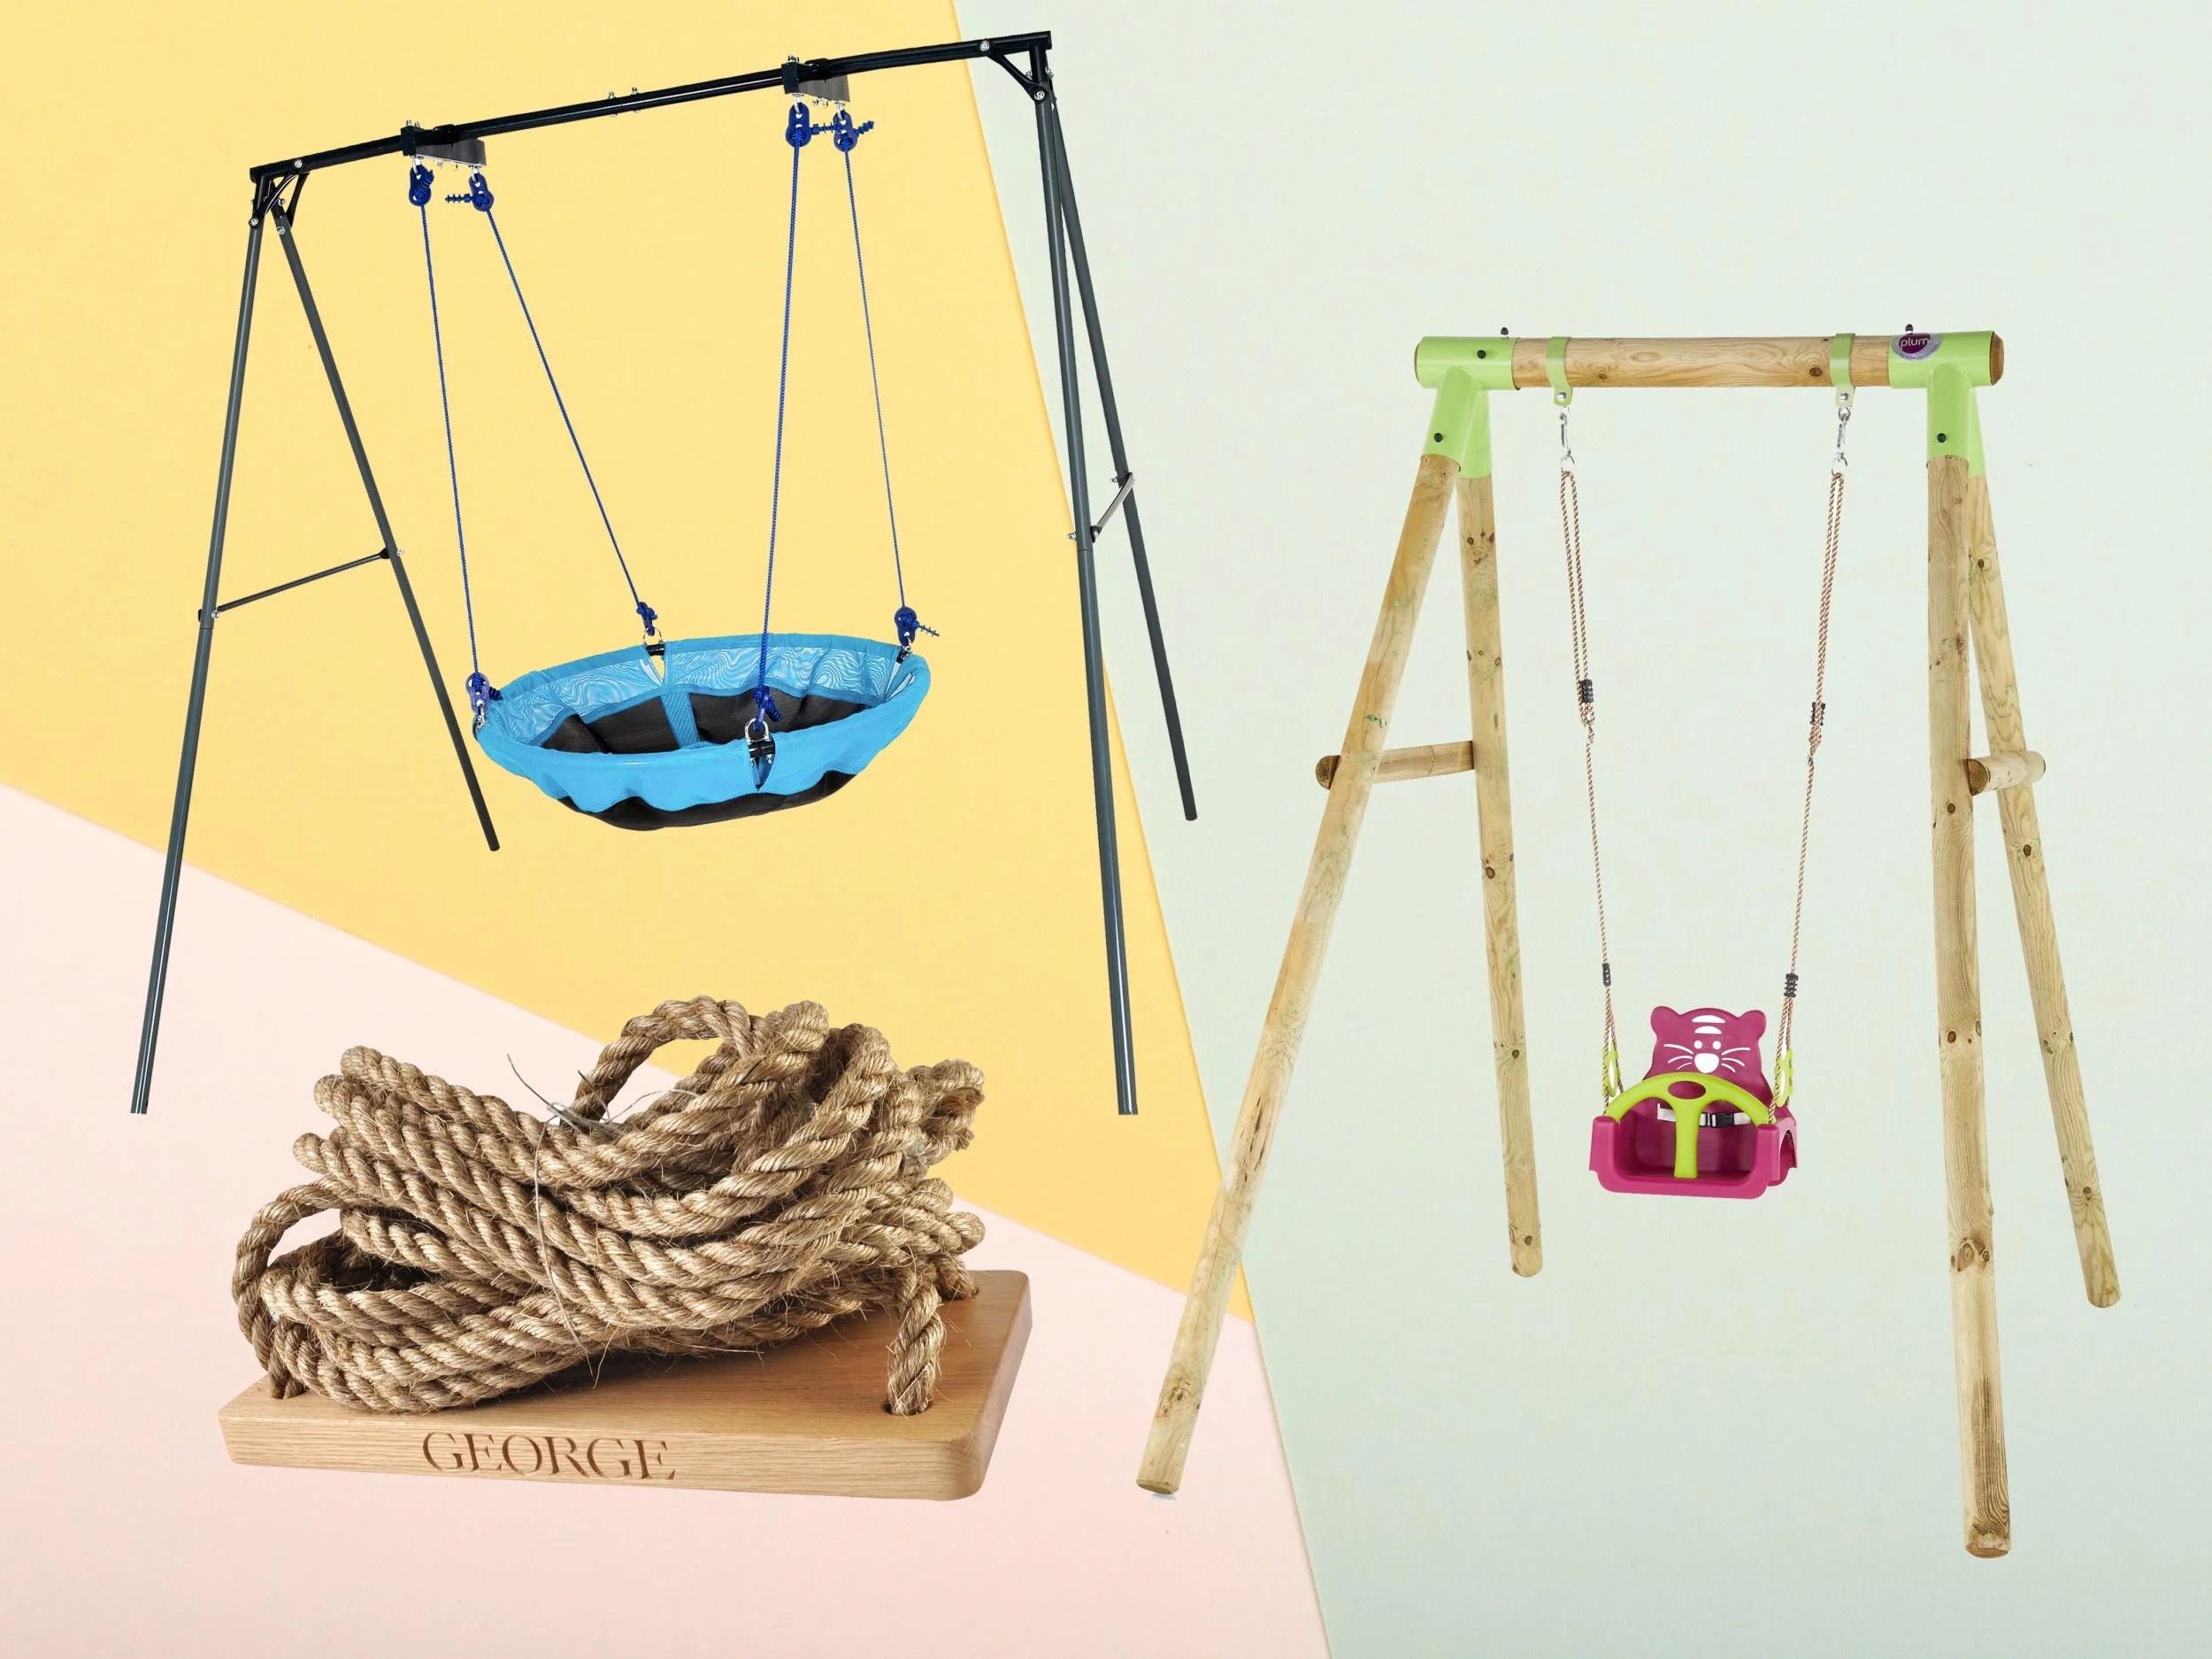 best swing set that